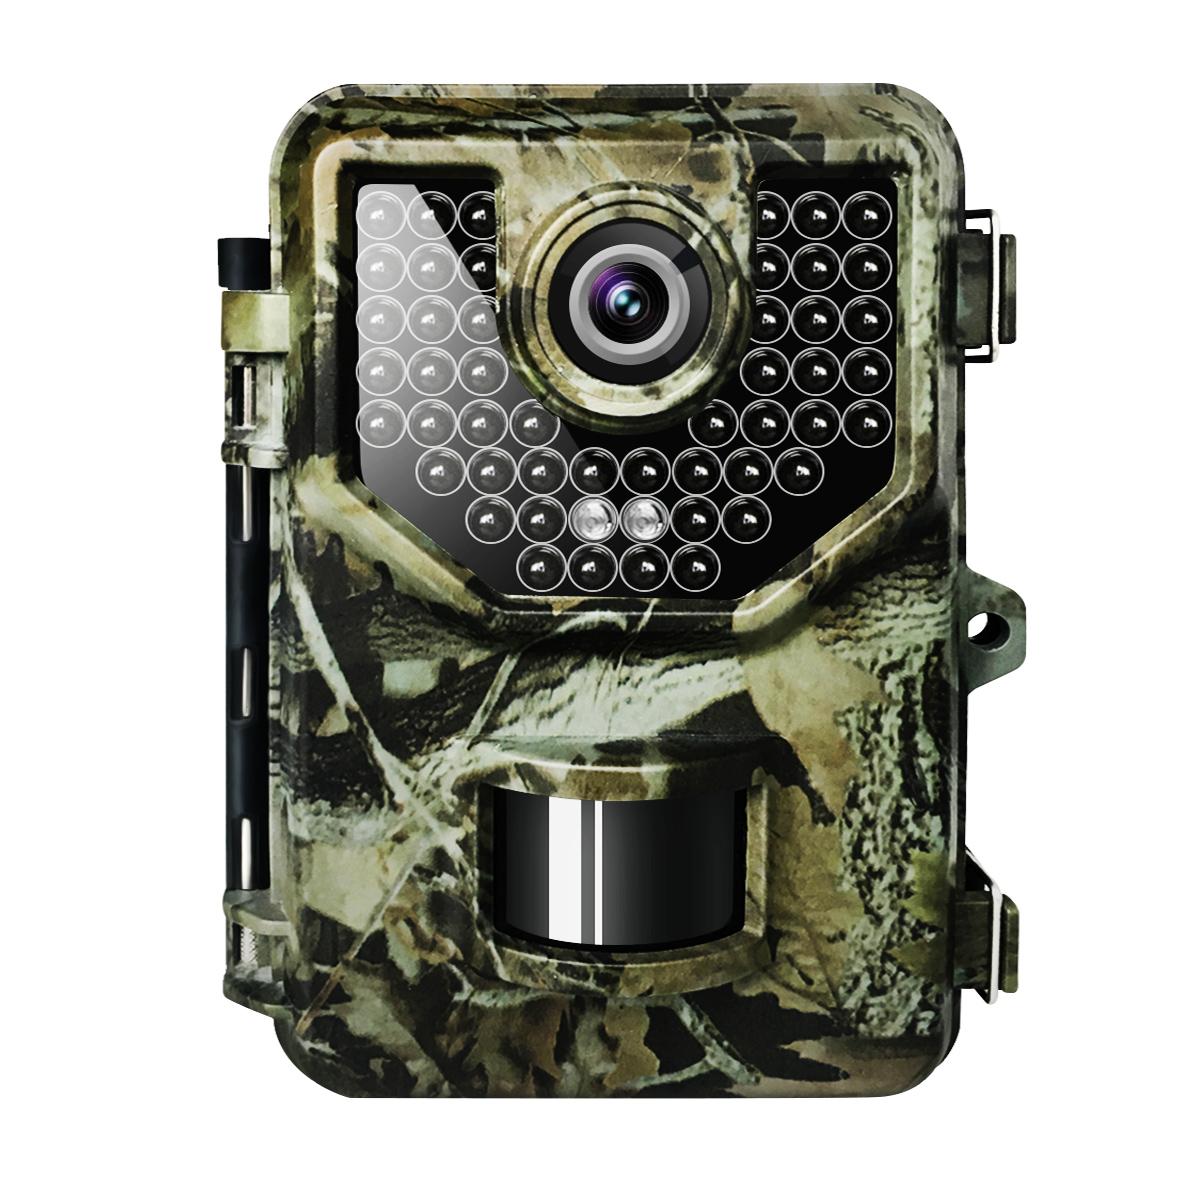 KALOAD E2 16MP 1080P Wildlife 120 Wide Angle Trail Наблюдение за ночным видением Охота камера